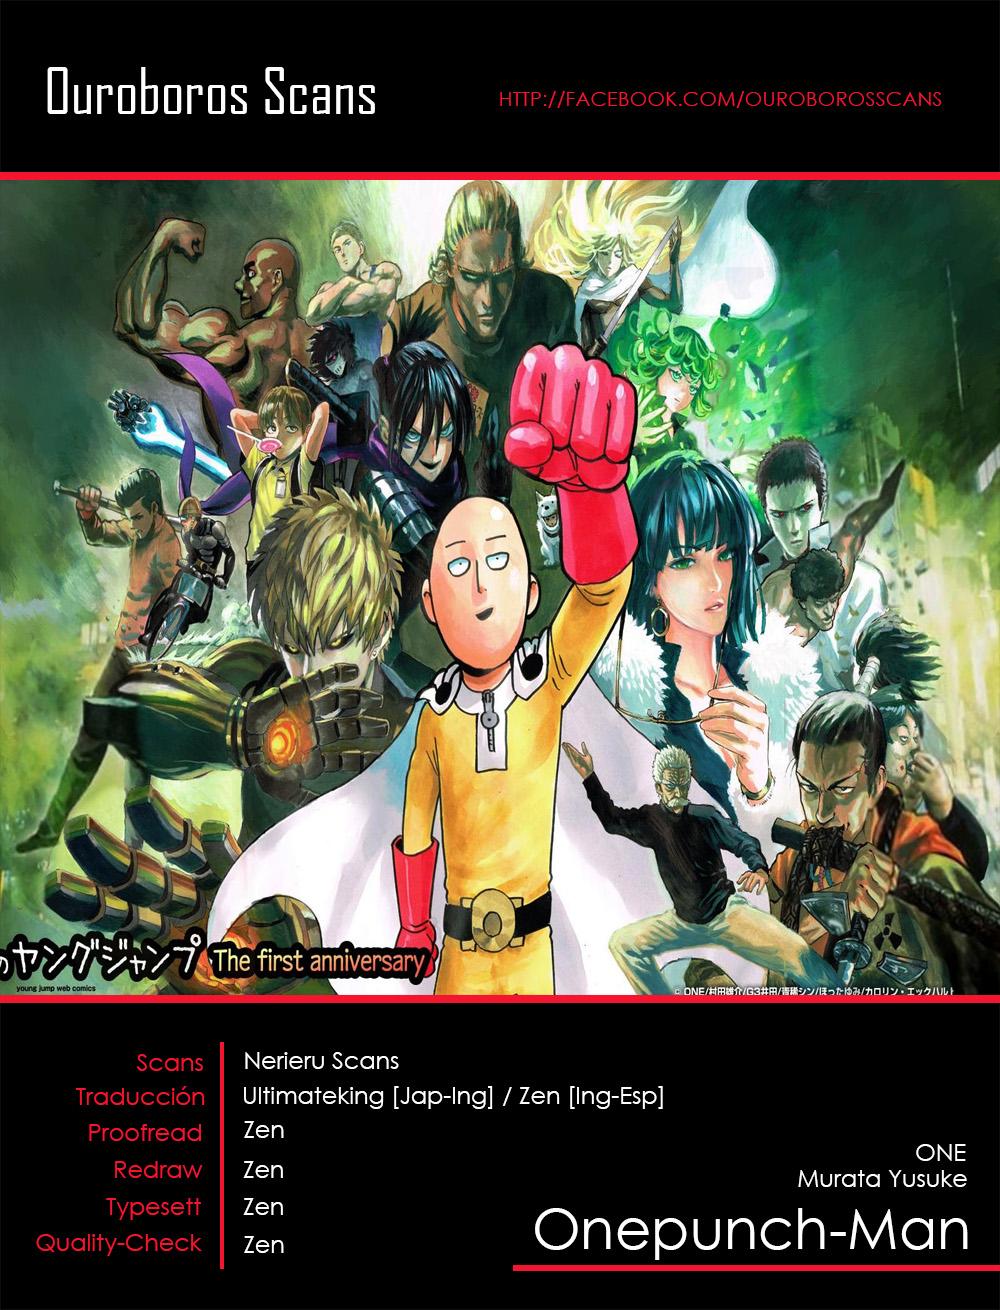 http://c5.ninemanga.com/es_manga/21/14805/414693/2ec8adb60182b3c41a31333baecd332a.jpg Page 1